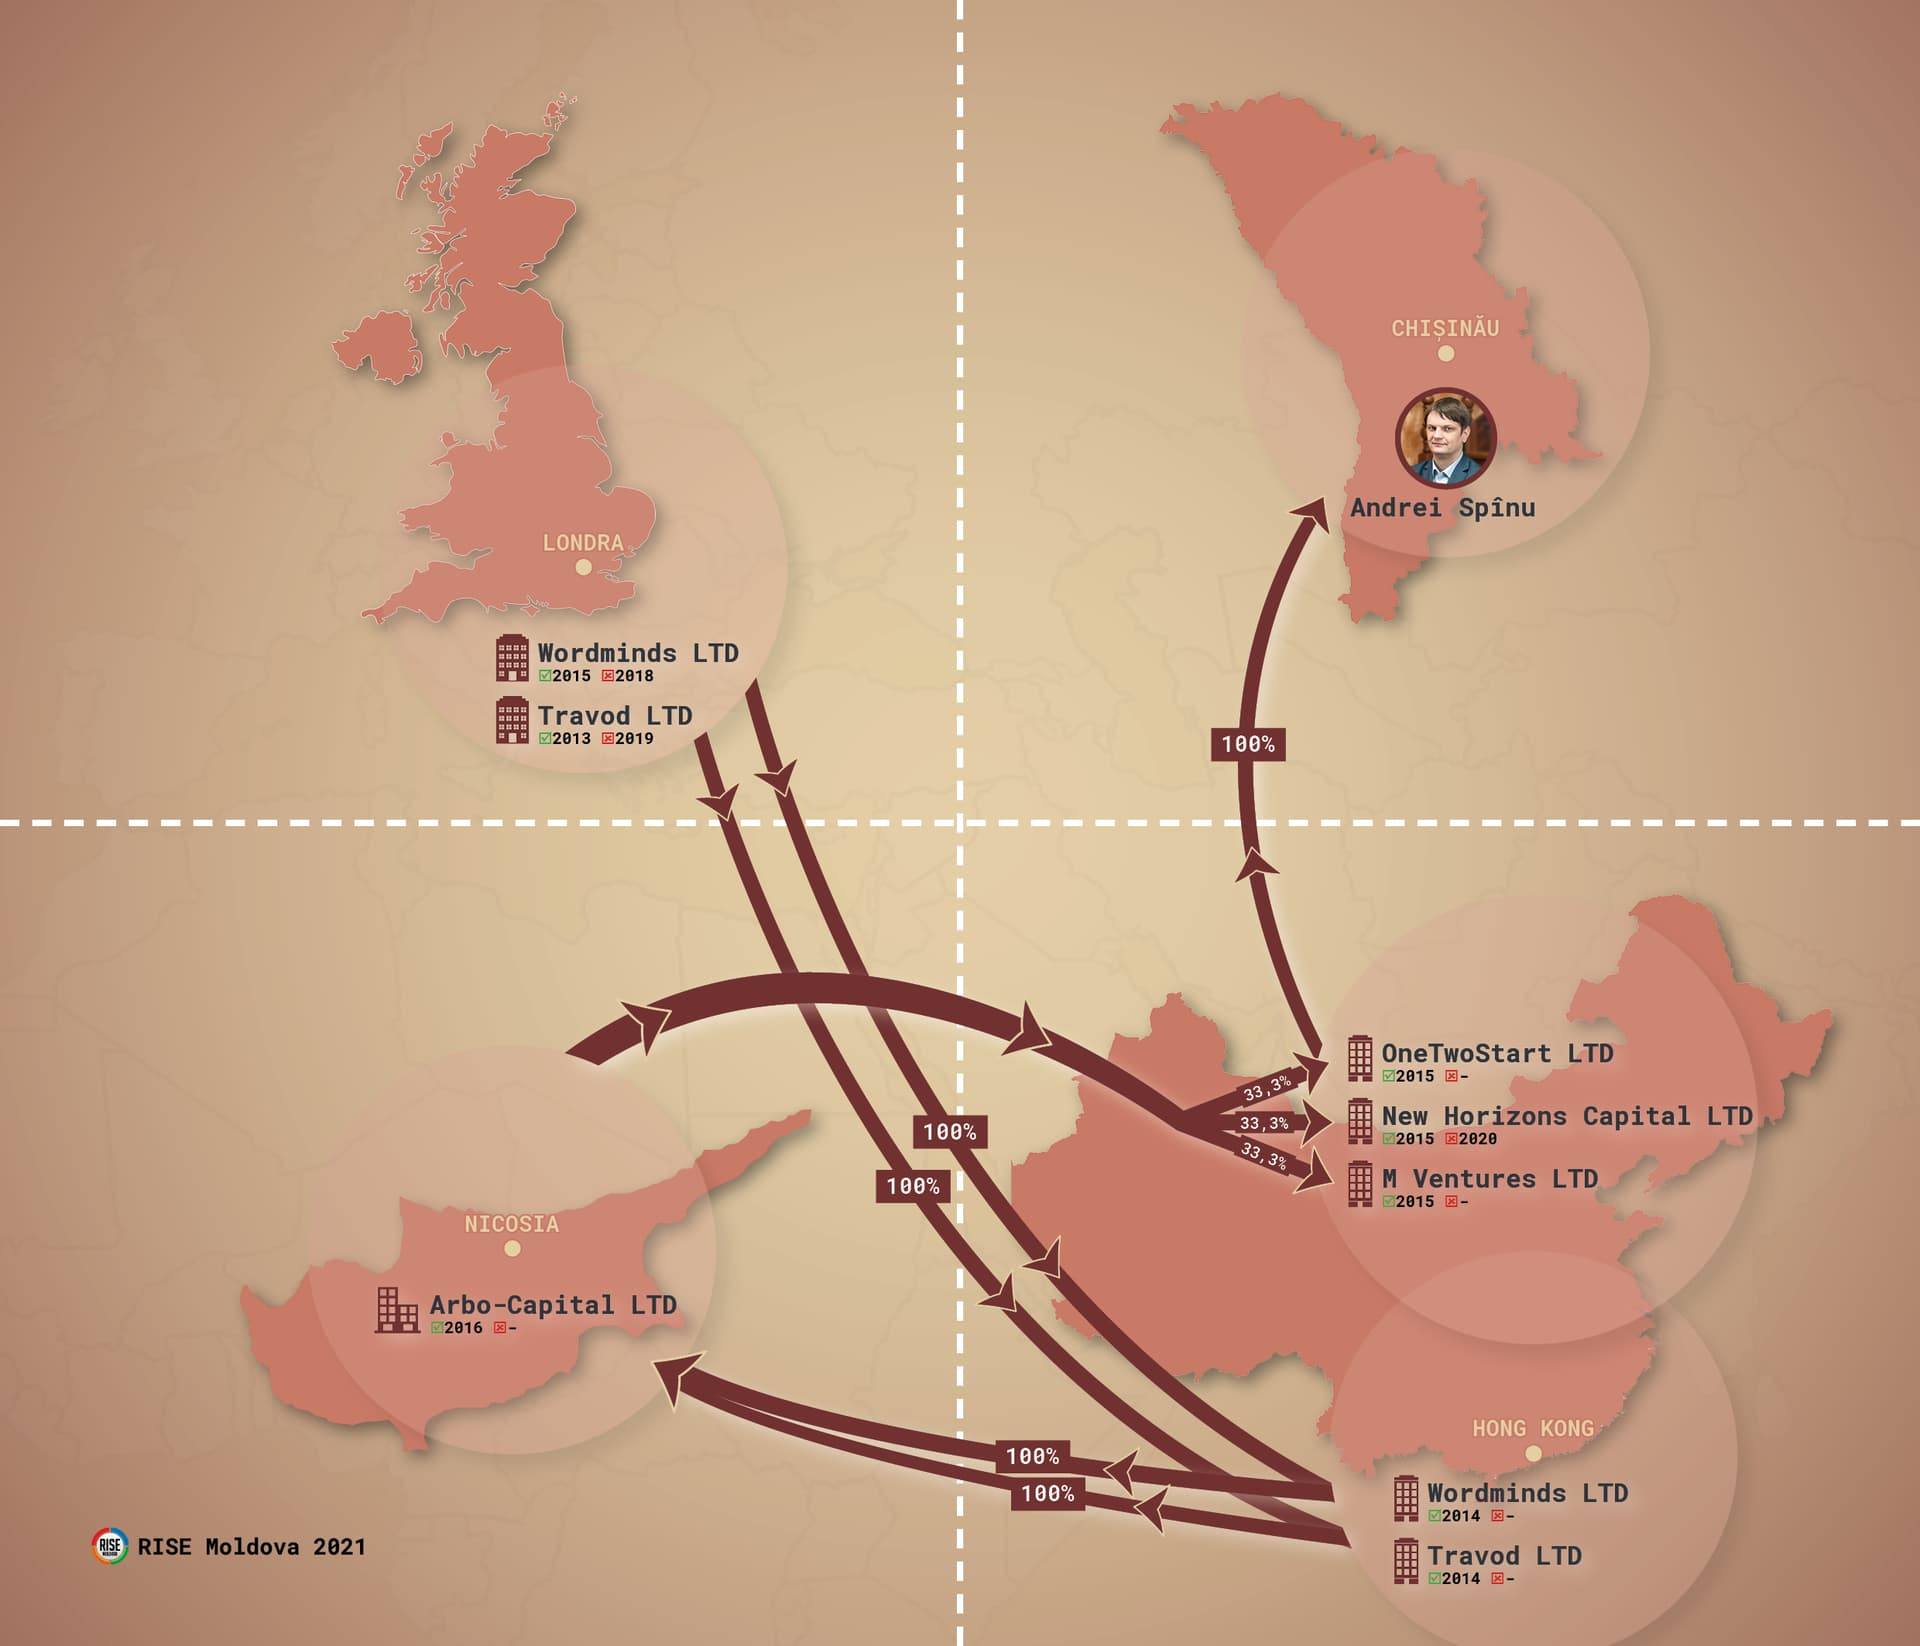 grafic-andrei-spinu-hong-kong-cipru-web